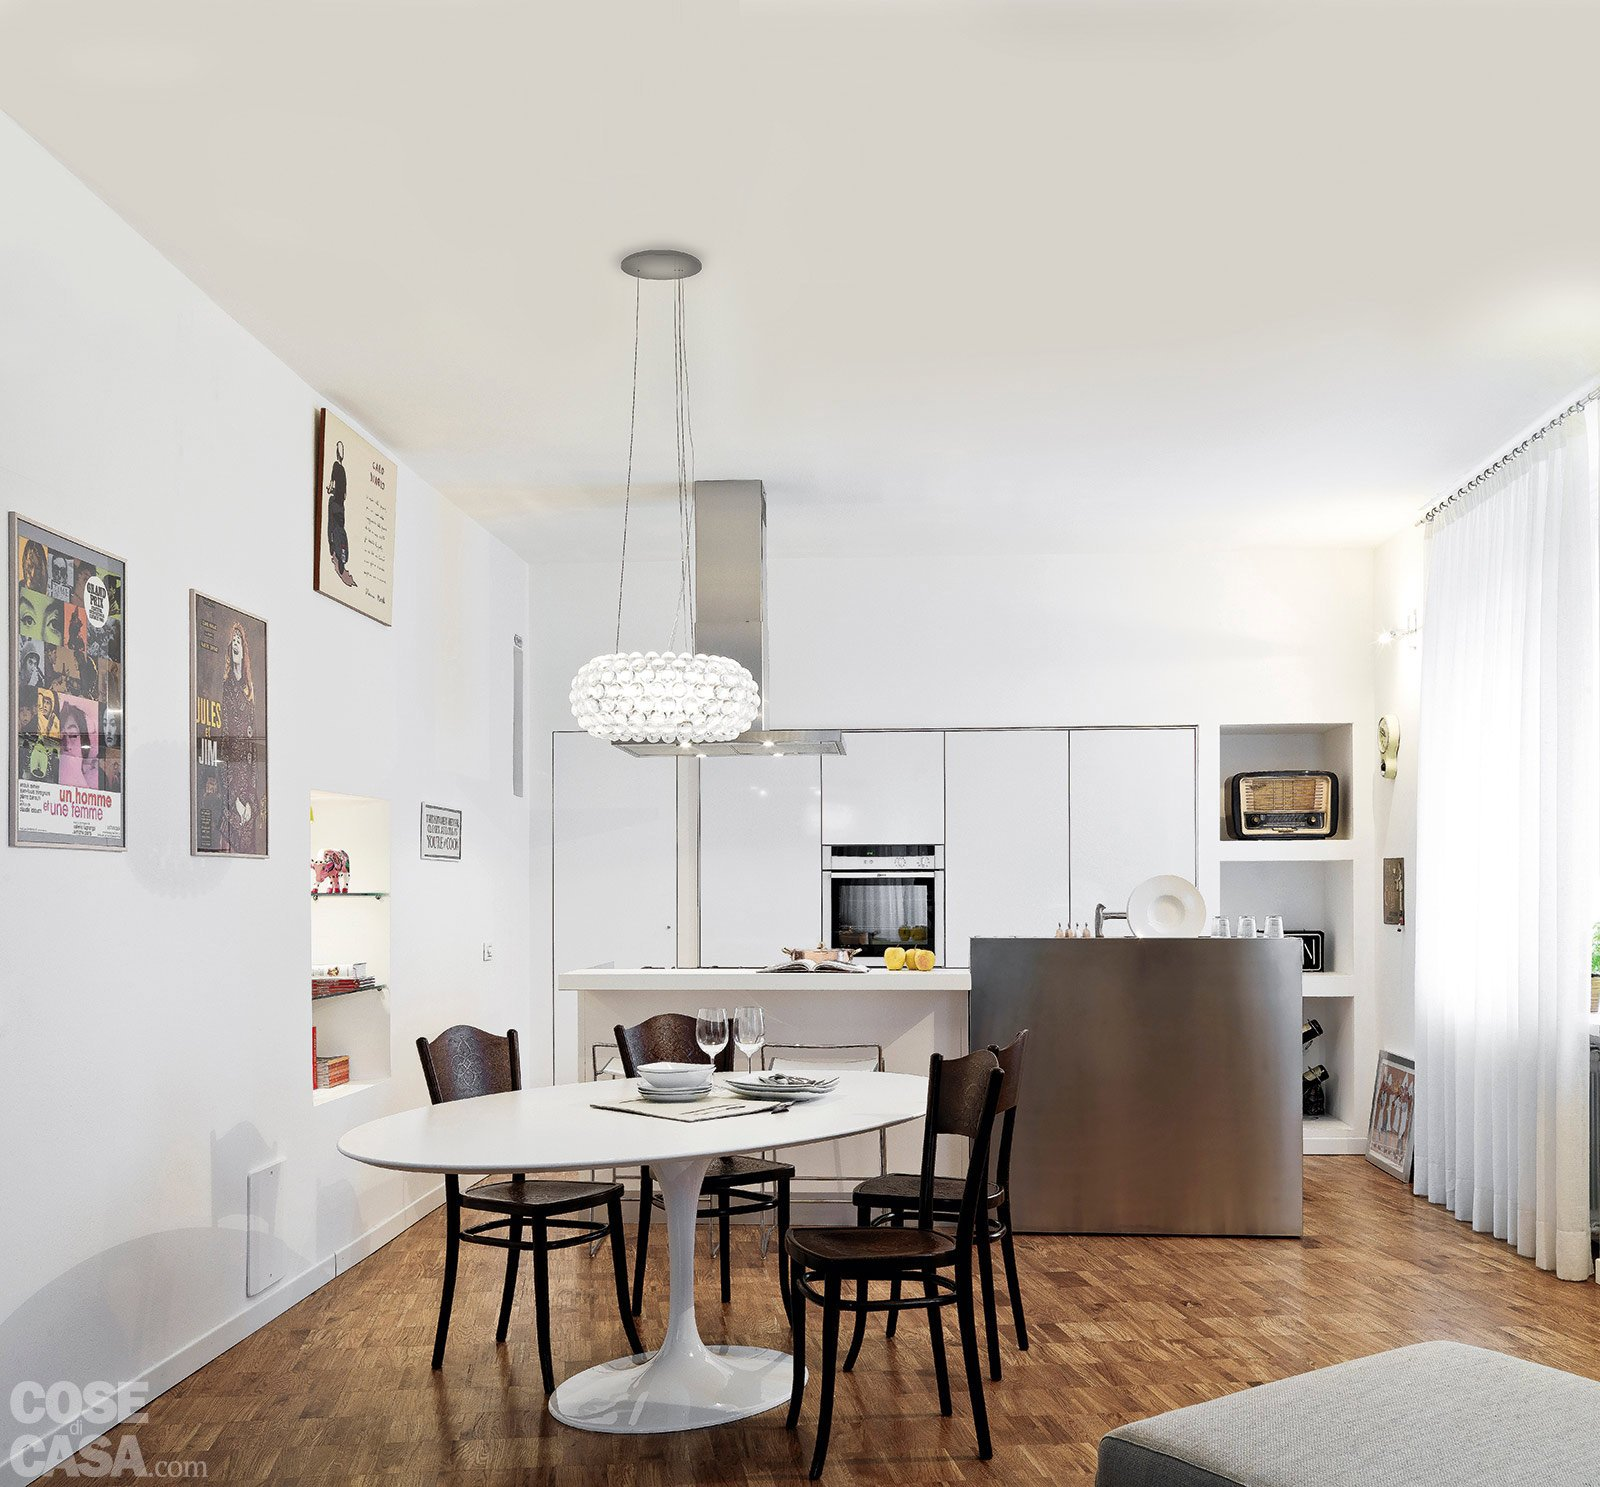 74 mq moltiplicati e ottimizzati cose di casa for Immagini di casa